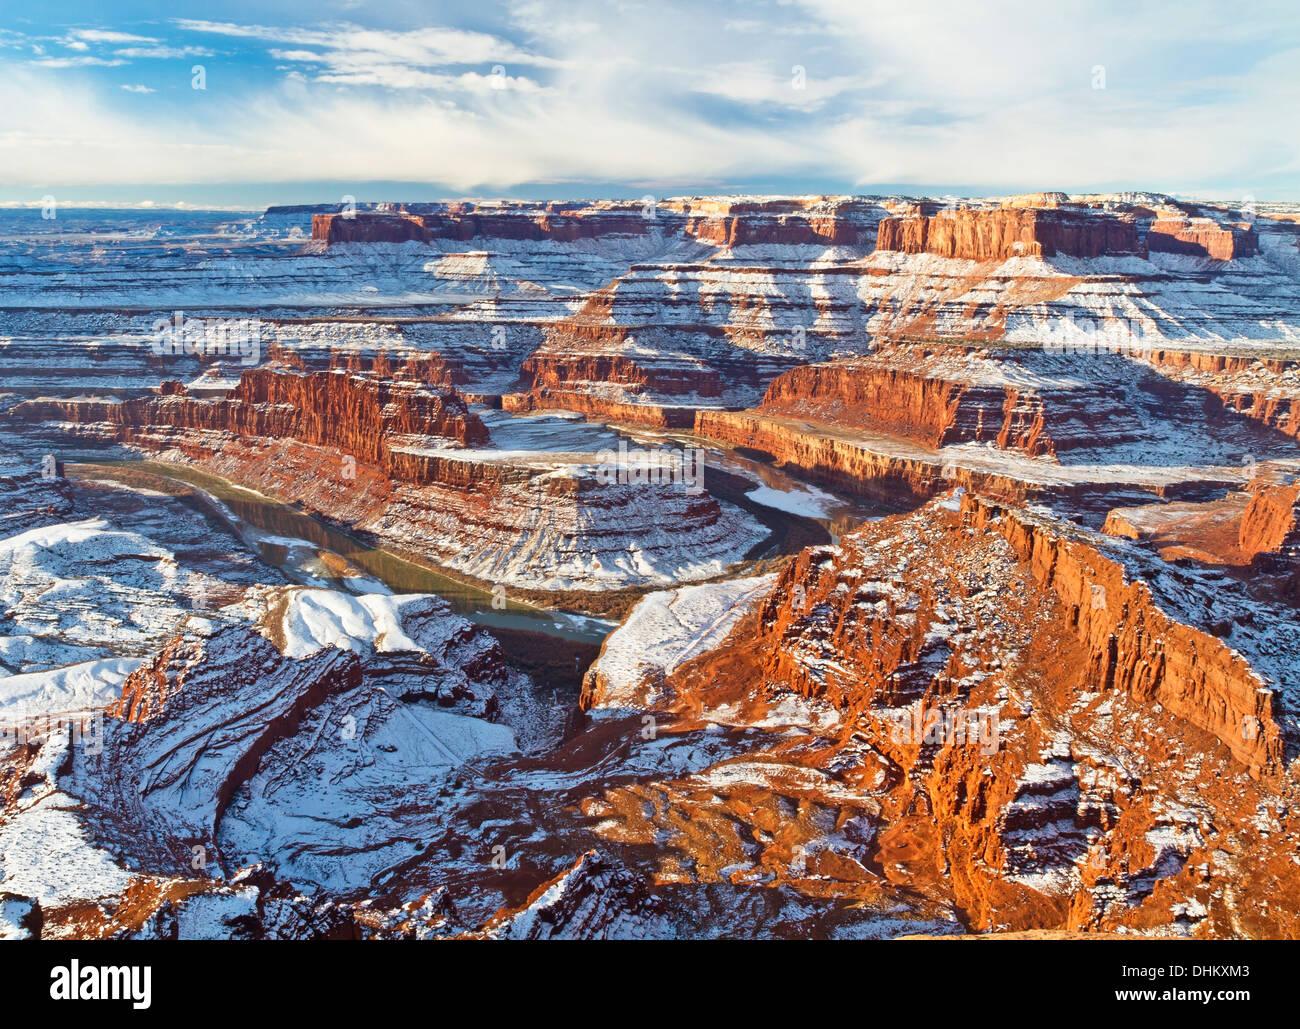 Vista invernal de cuello de cisne de una curva en el río Colorado de Dead Horse Point vistas en Utah. Foto de stock